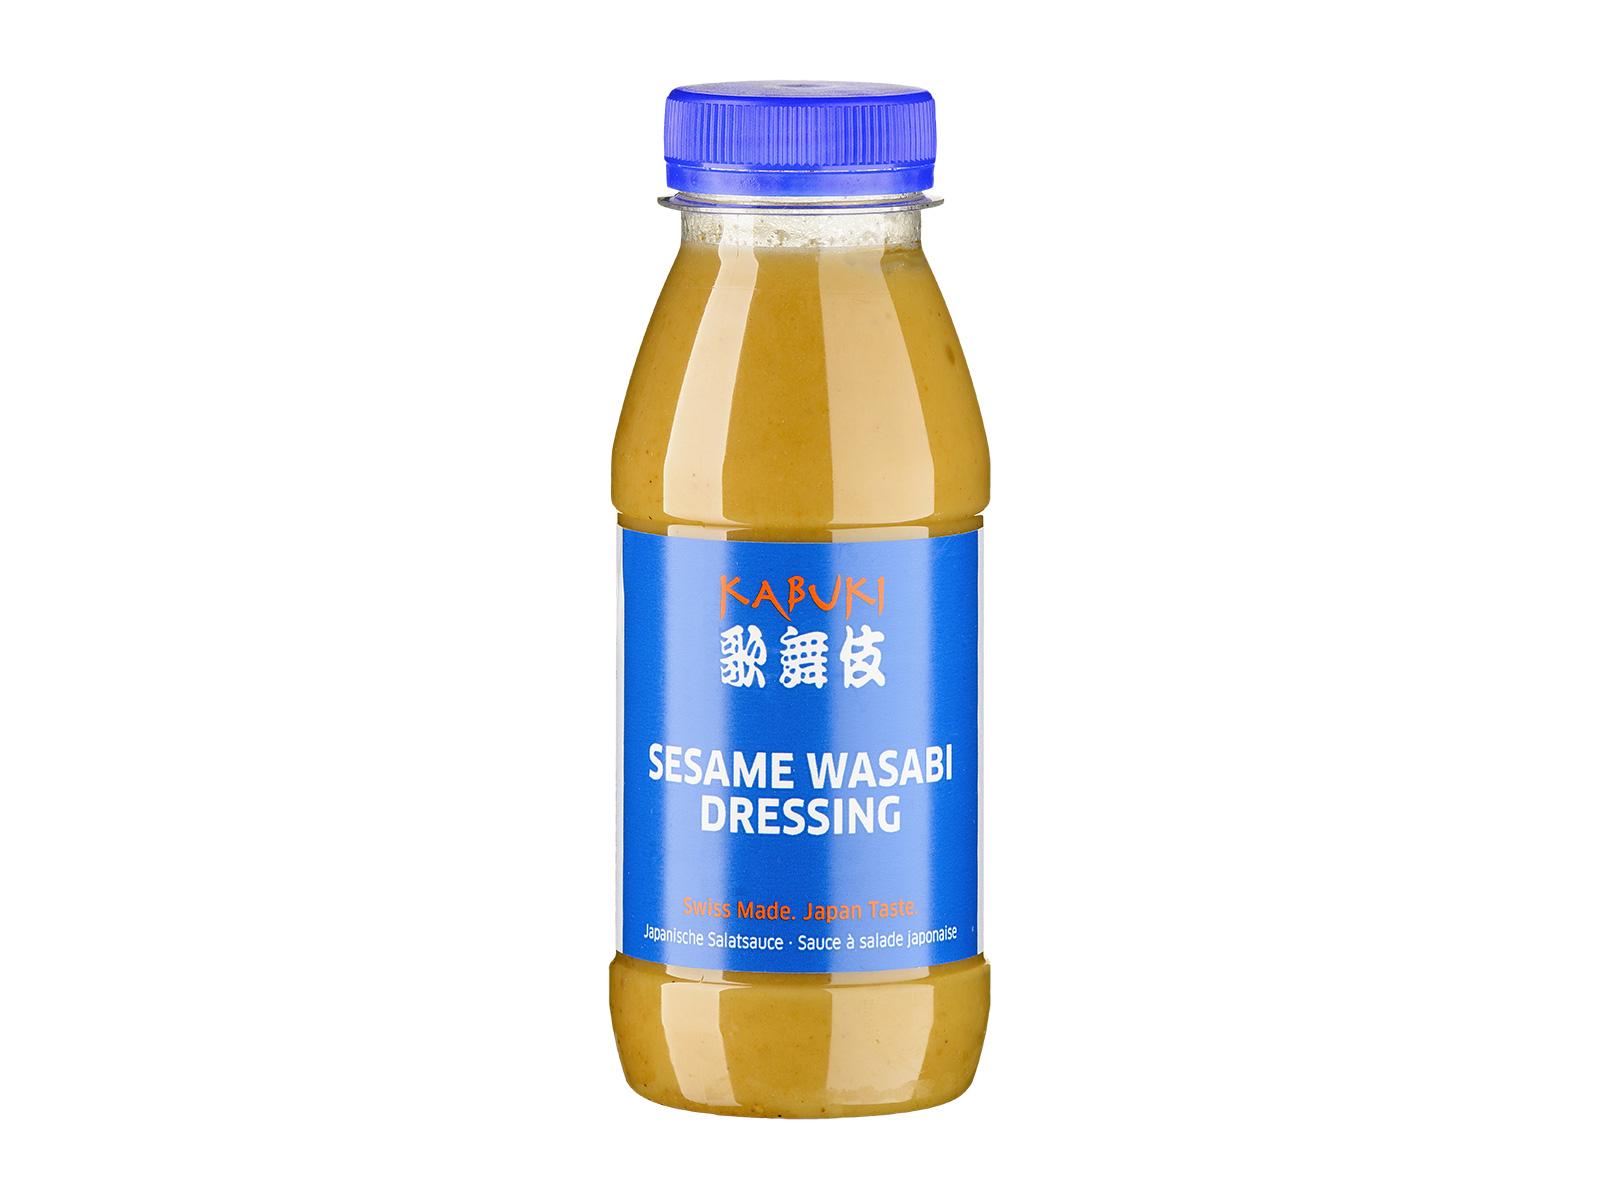 Sesame_Wasabi_Dressing_250